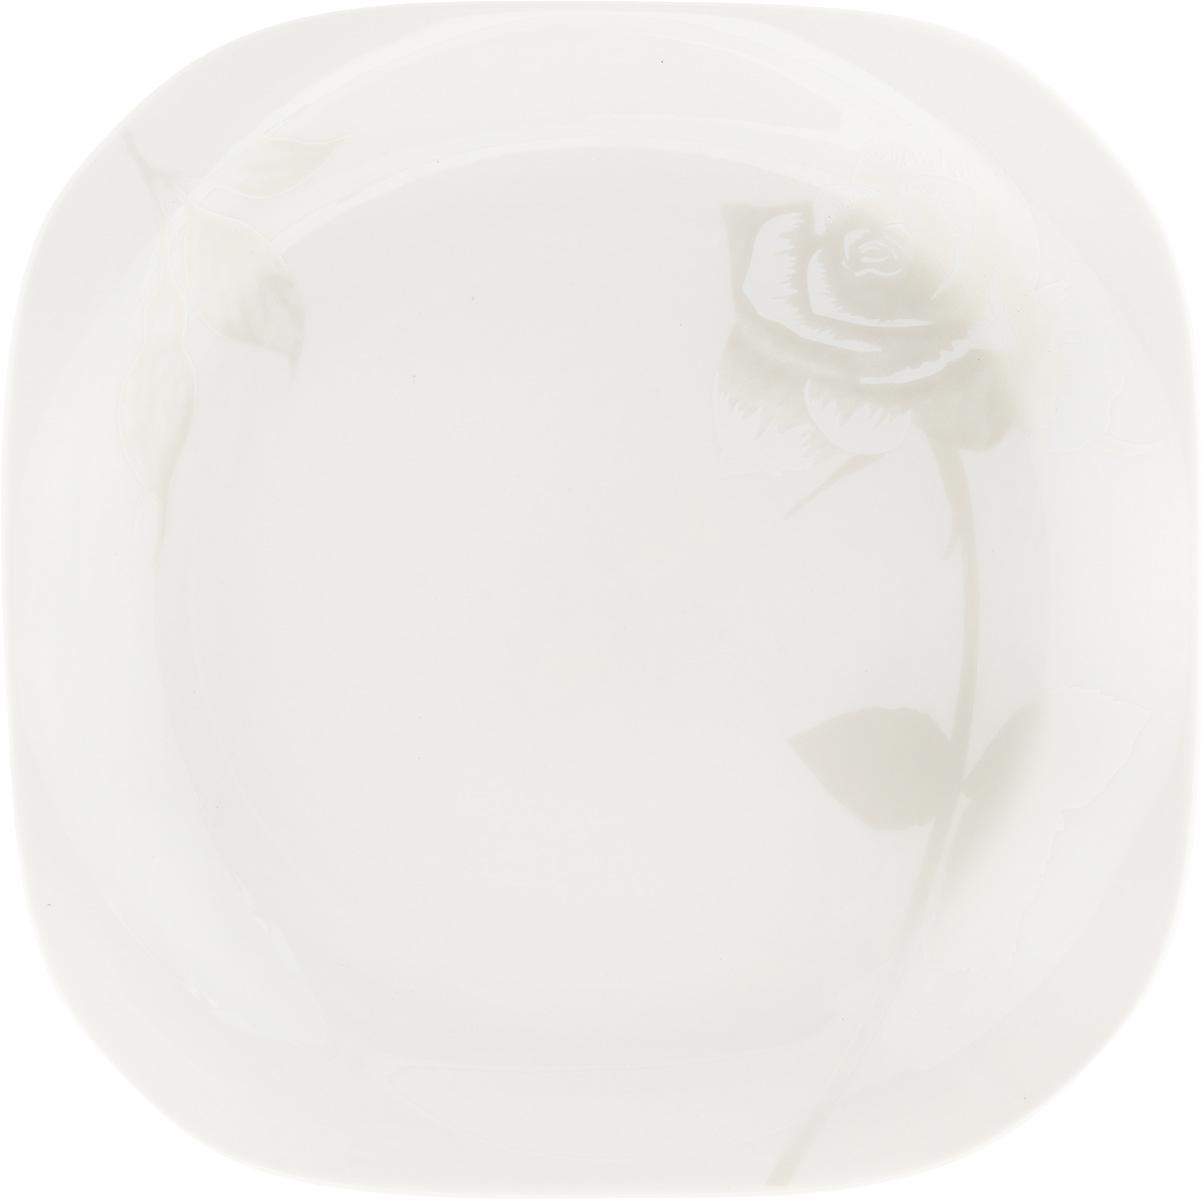 Тарелка десертная Жемчужная роза, 18 x 18 см216693Десертная тарелка Жемчужная роза изготовлена из глазурованного фарфора. Она предназначена для подачи десертов. Также может использоваться как блюдо для сервировки закусок.Изящная тарелка прекрасно оформит стол и порадует ваших гостей изысканным дизайном и формой. Размер тарелки: 18 х 18 см.